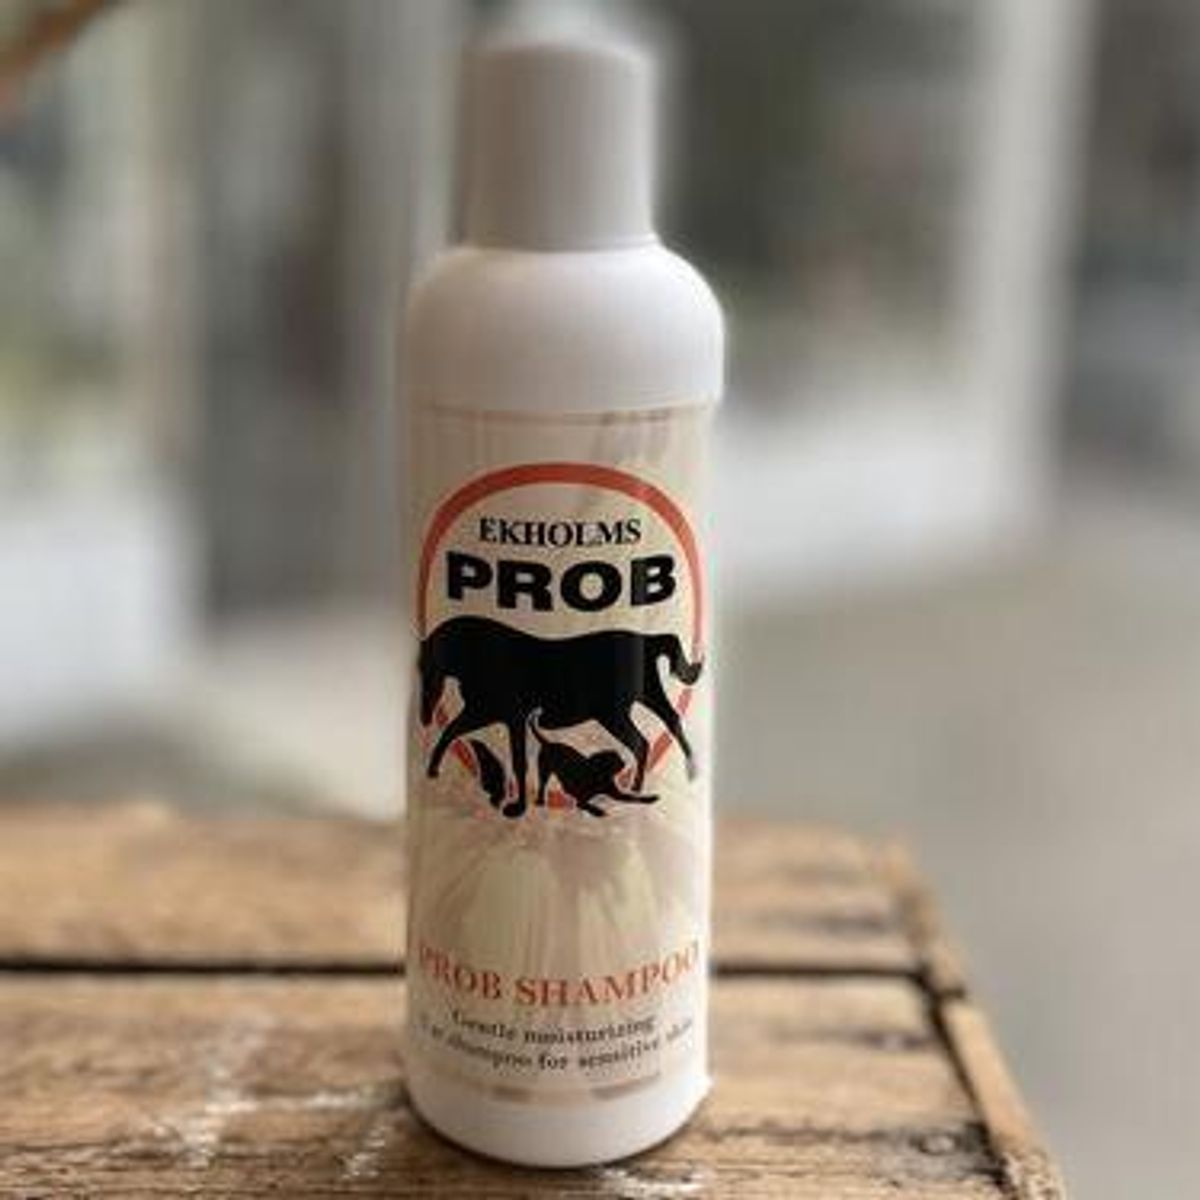 Ekholms Prob Shampoo 200ml